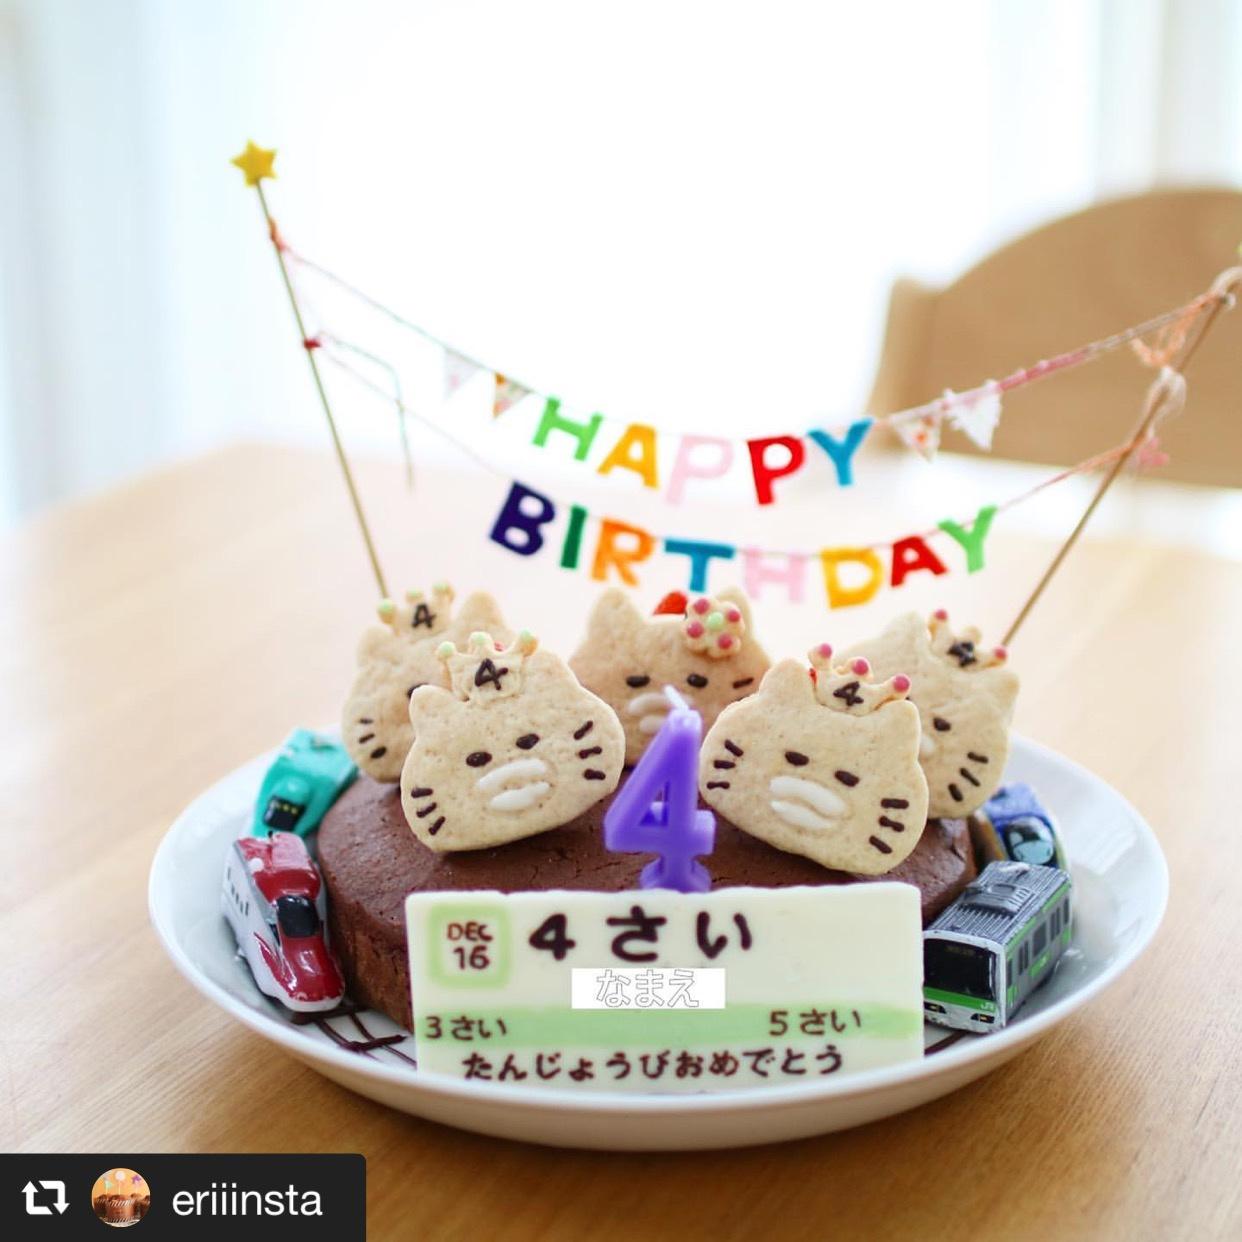 手作りクッキーにプラレールキャンドル! 世界にひとつだけの誕生日ケーキ 画像1